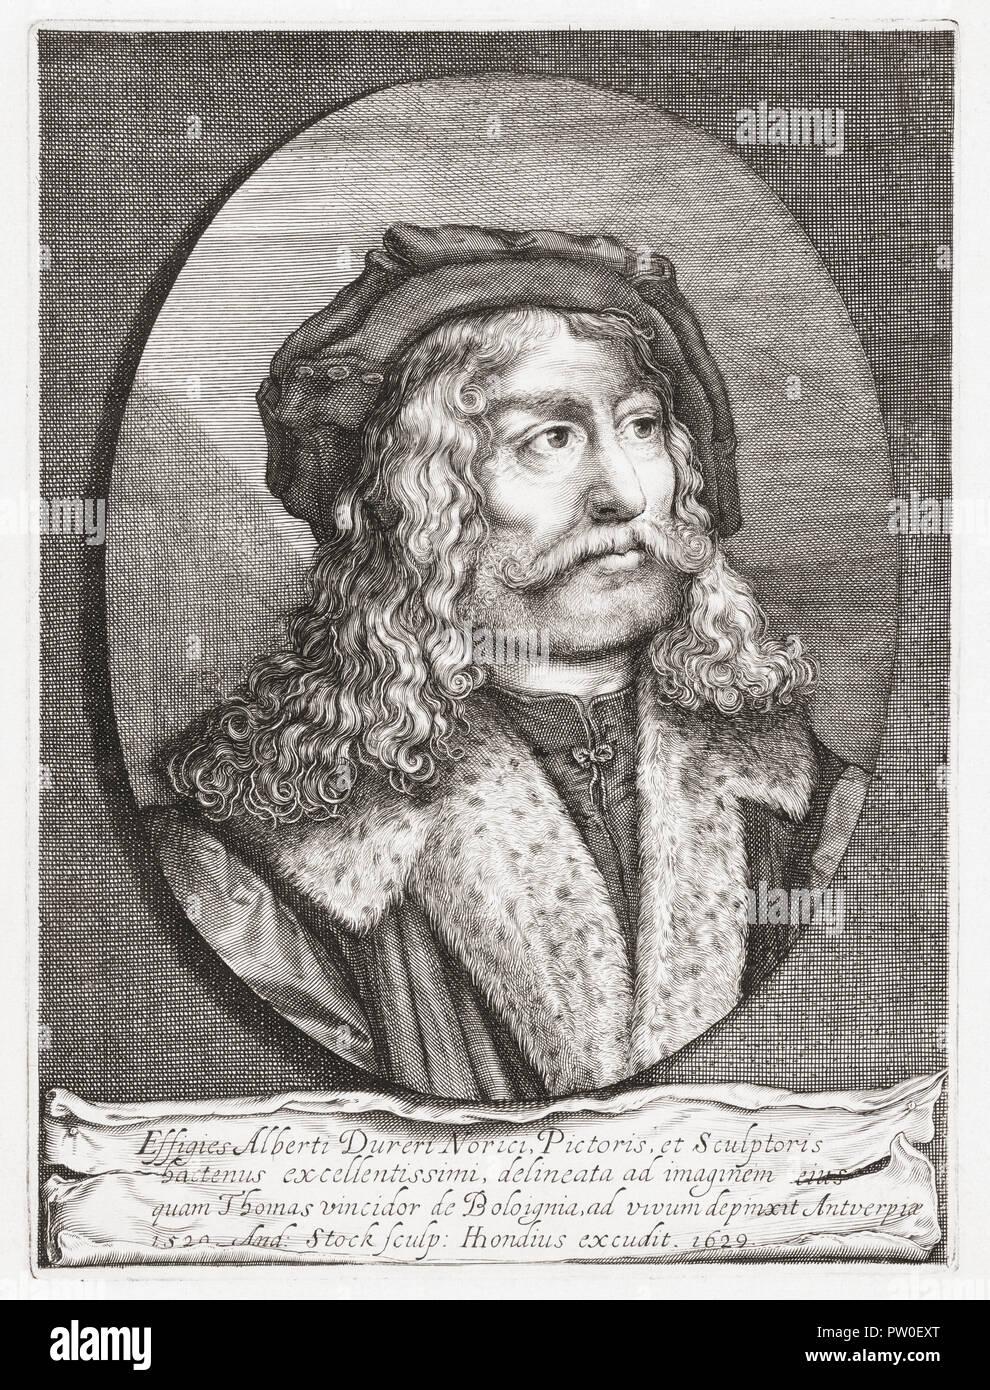 Albrecht Dürer, 1471 1528. Der deutsche Maler, Grafiker und Theoretiker. Jahrhundert Gravur nach einem Werk des italienischen Künstlers Tommaso di Andrea Vincidor. Stockbild